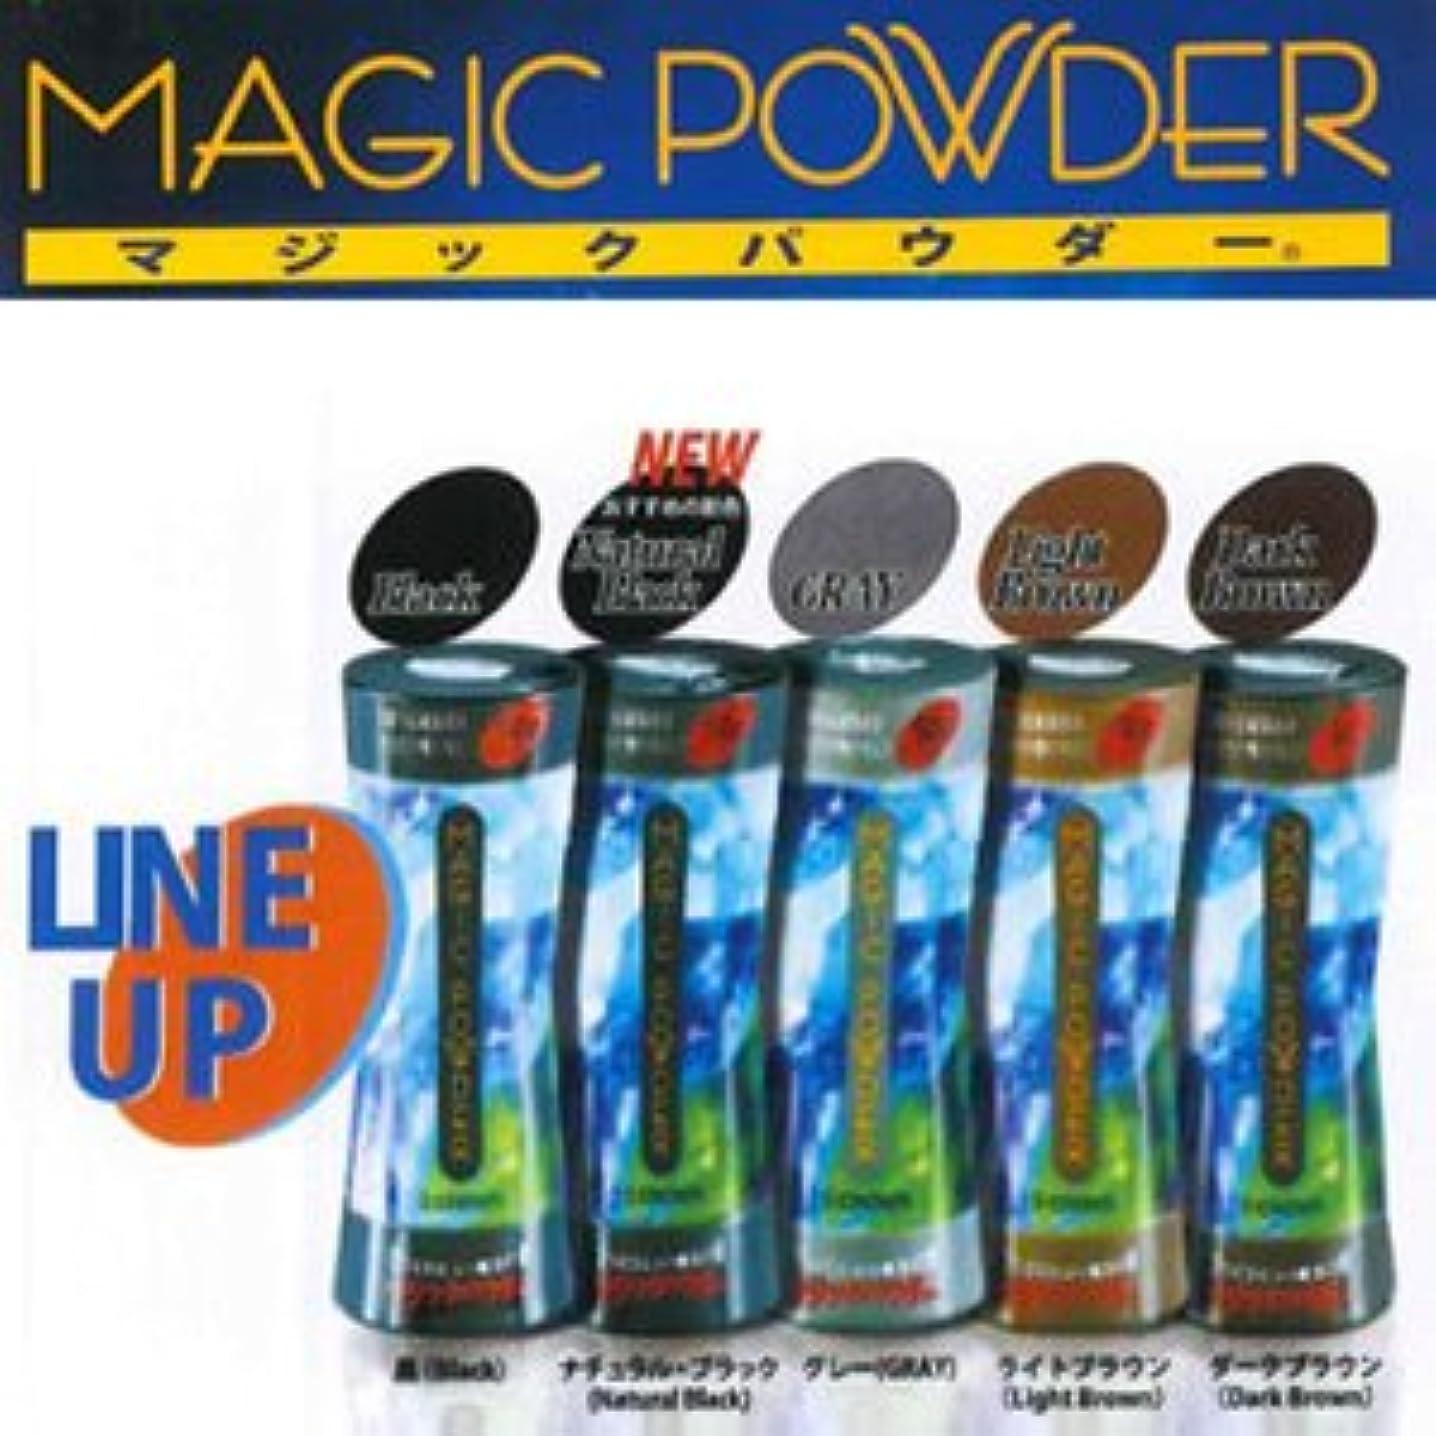 虹課す愛撫MAGIC POWDER マジックパウダー ダークブラウン 50g  ※貴方の髪を簡単ボリュームアップ!